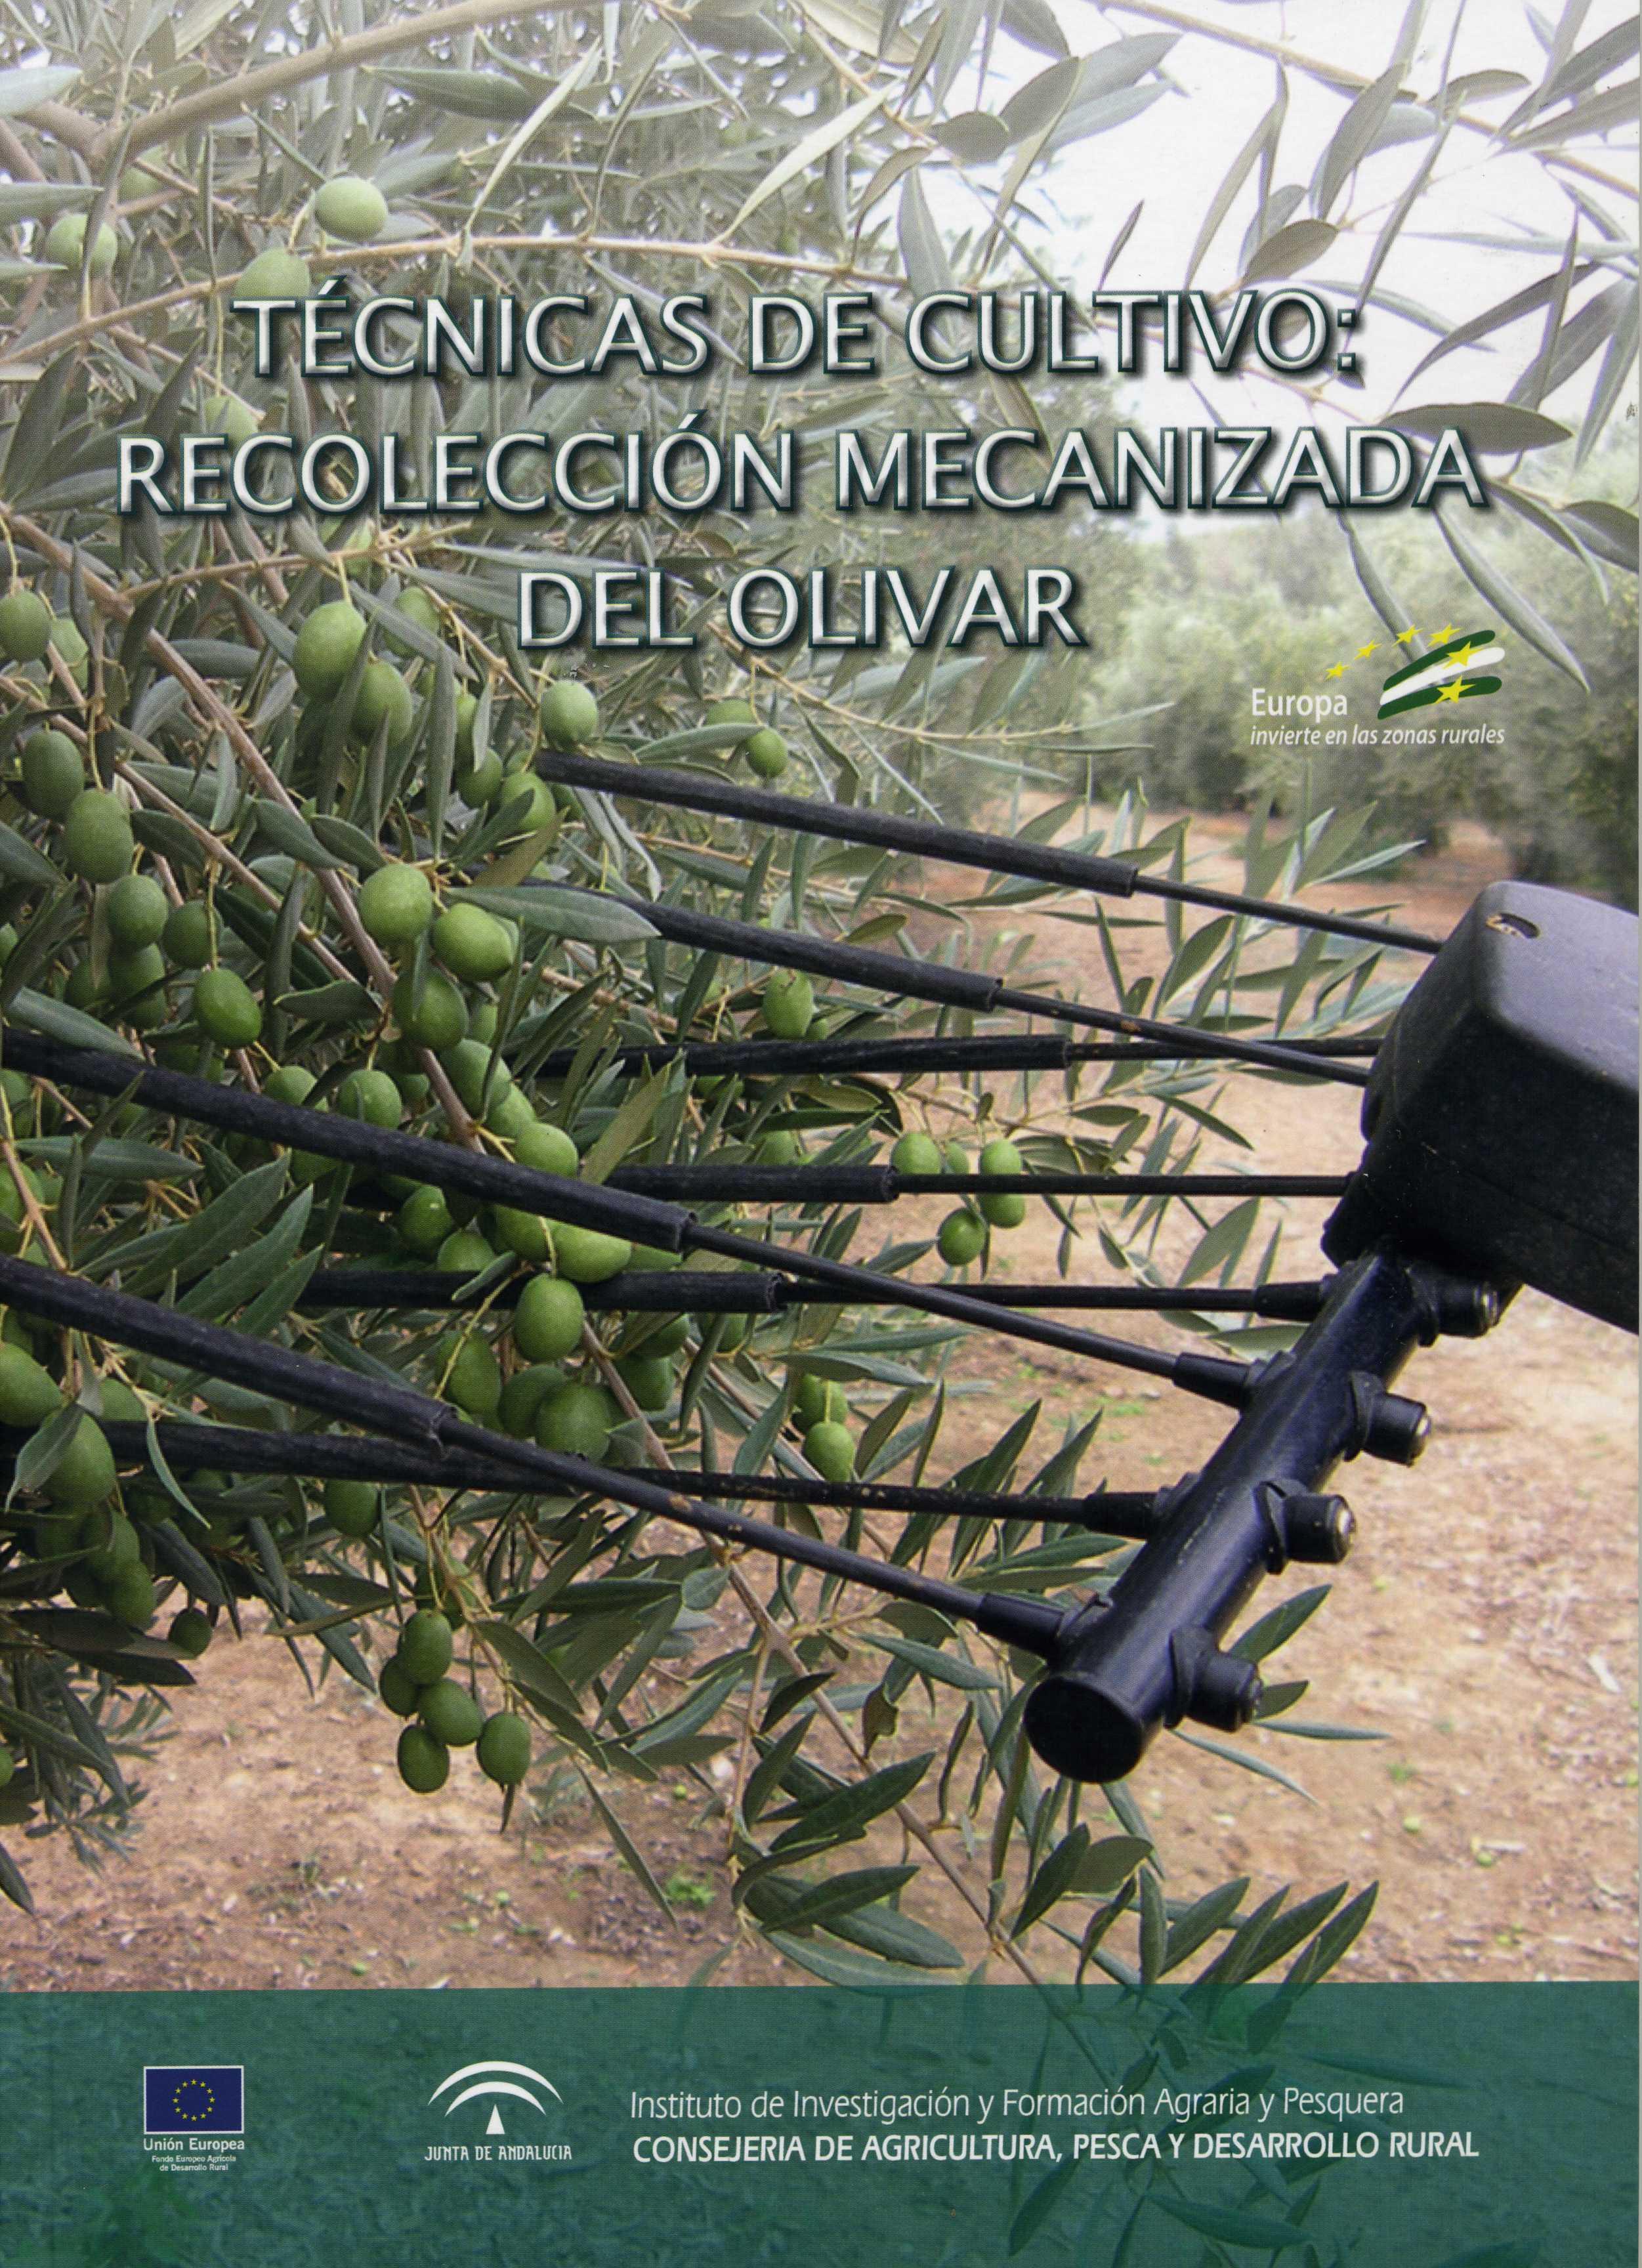 recolección mecanizada de olivar 2017.jpg